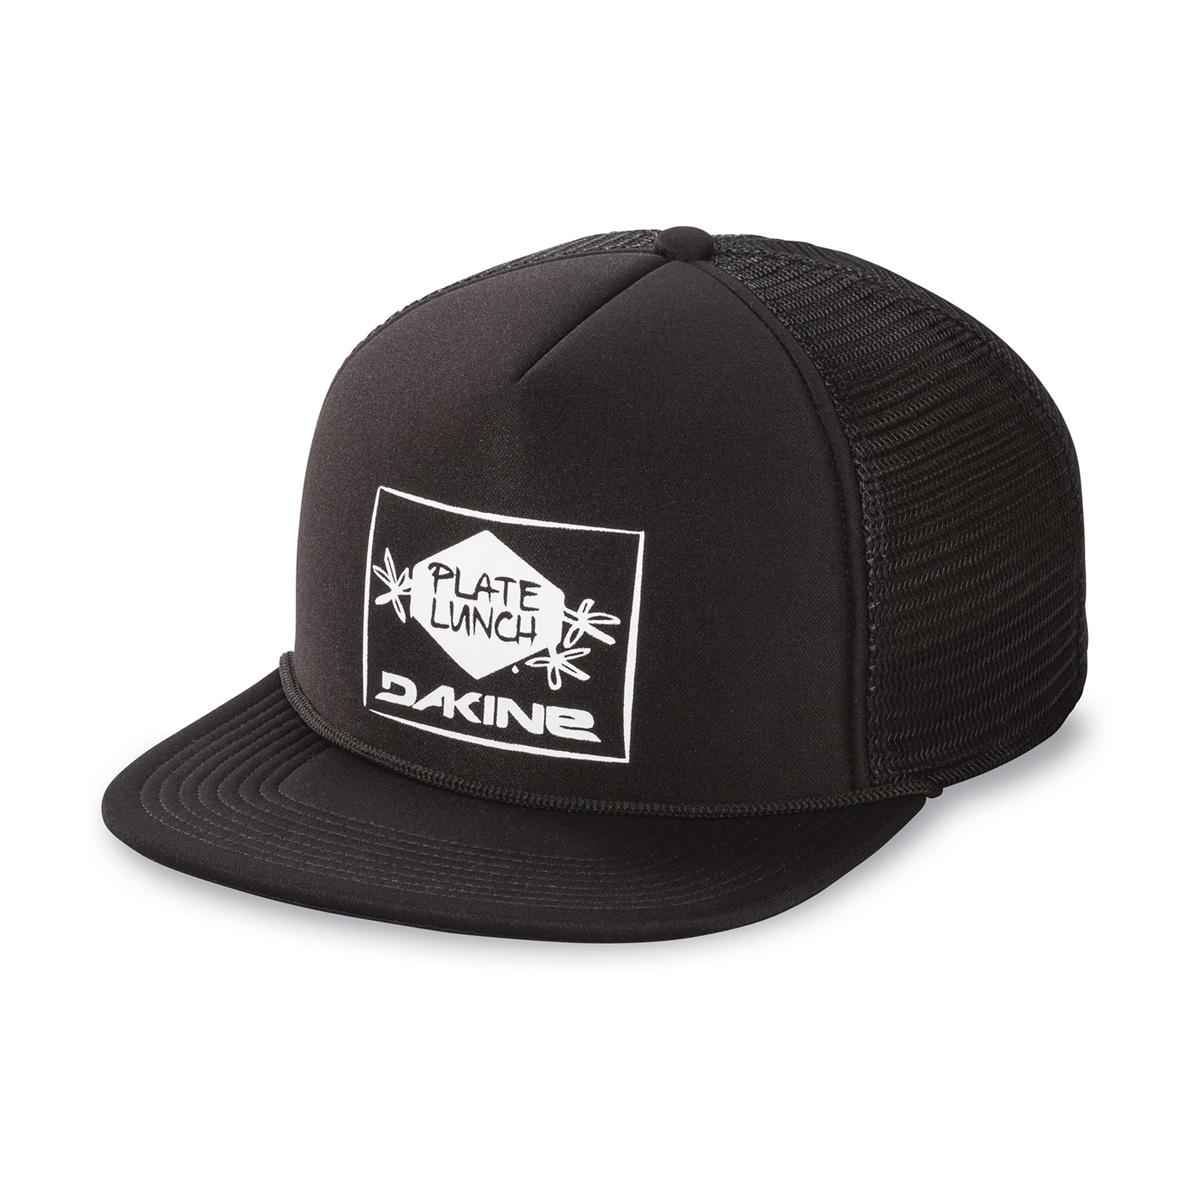 b18cefe2 Dakine PLXDK Plate Lunch Trucker Snap Back | | Caps & Hats | The Board  Basement